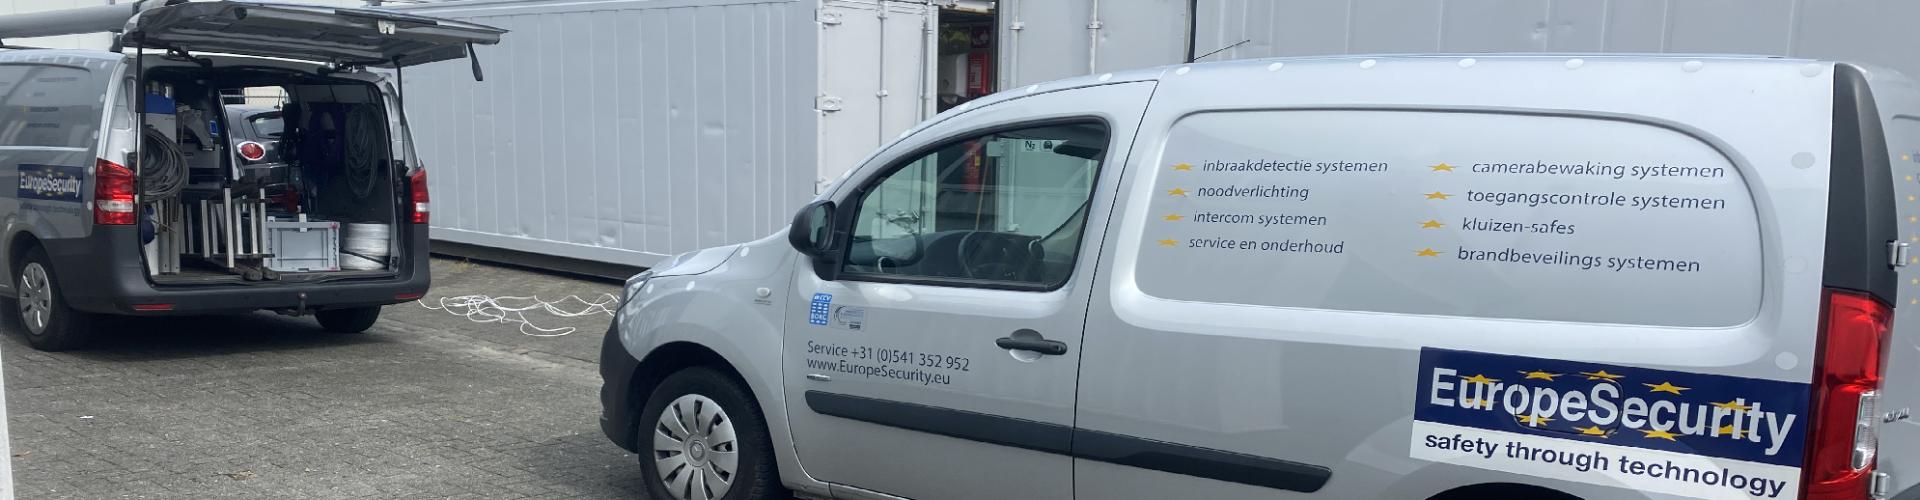 beveiliging utility containers